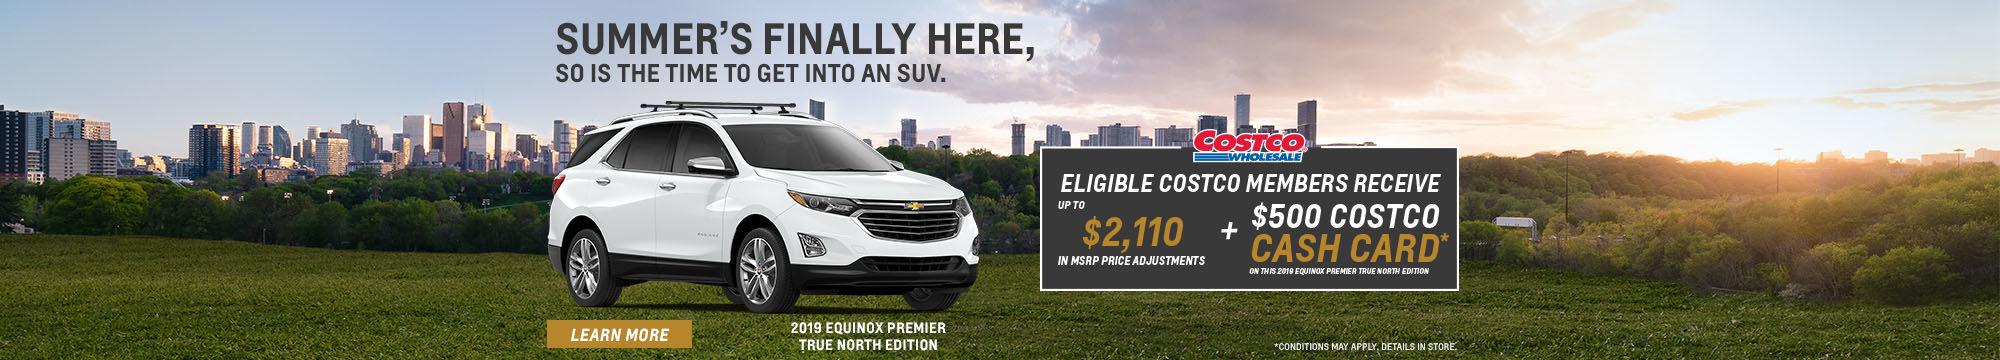 Costco - Preferred pricing Chevrolet Equinox